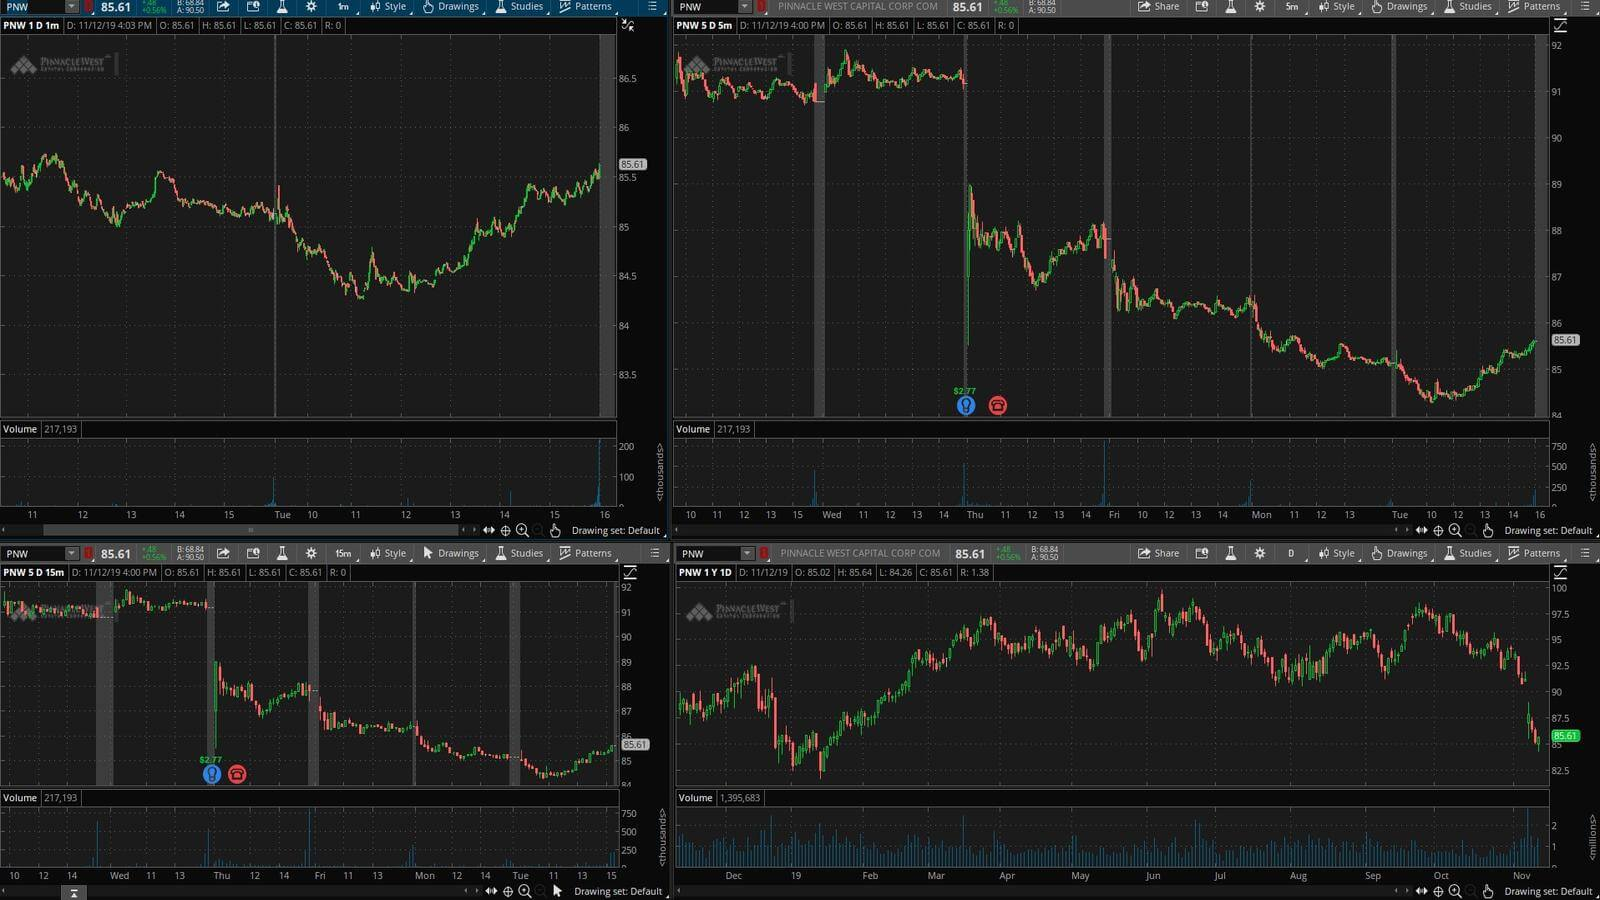 PNW - график акции на фондовой бирже